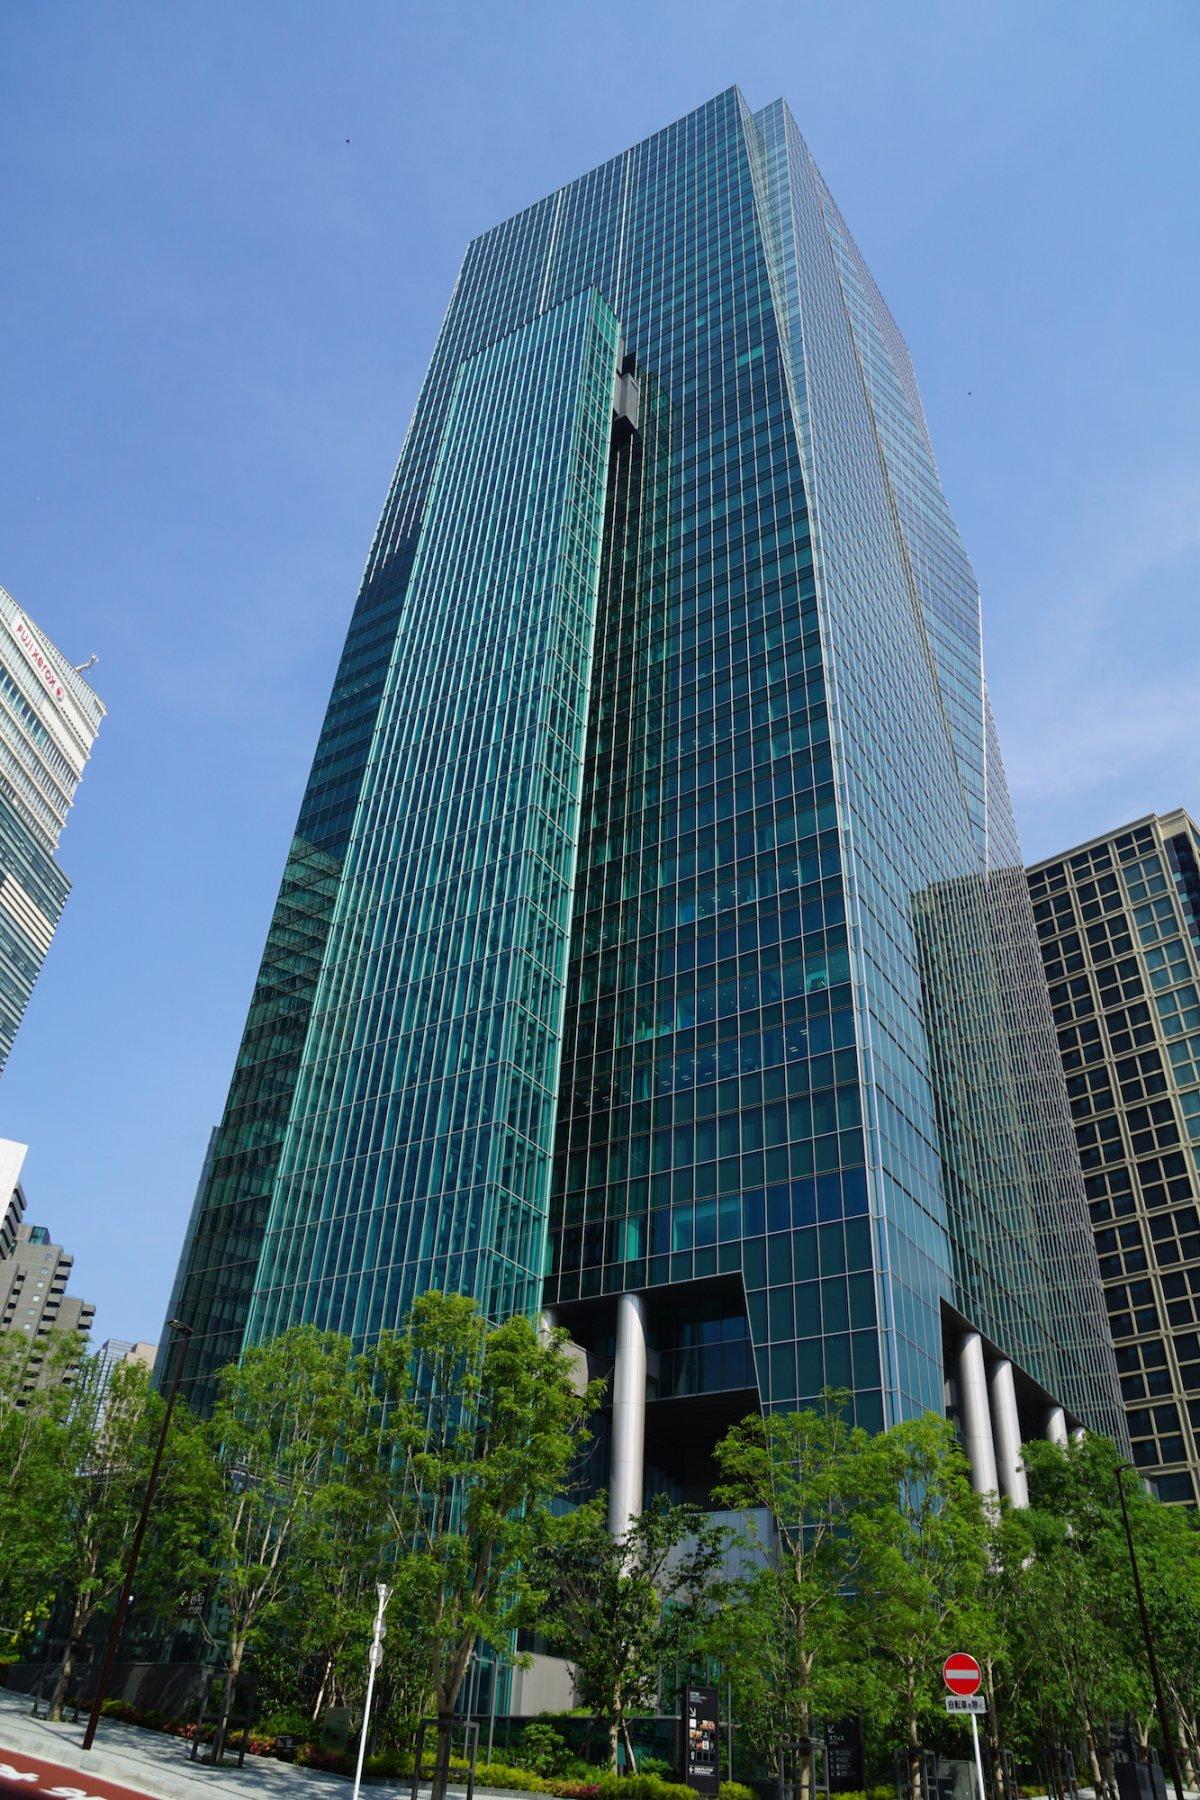 10º lugar: Sumitomo Fudosan Roppongi Grand Tower/Japão